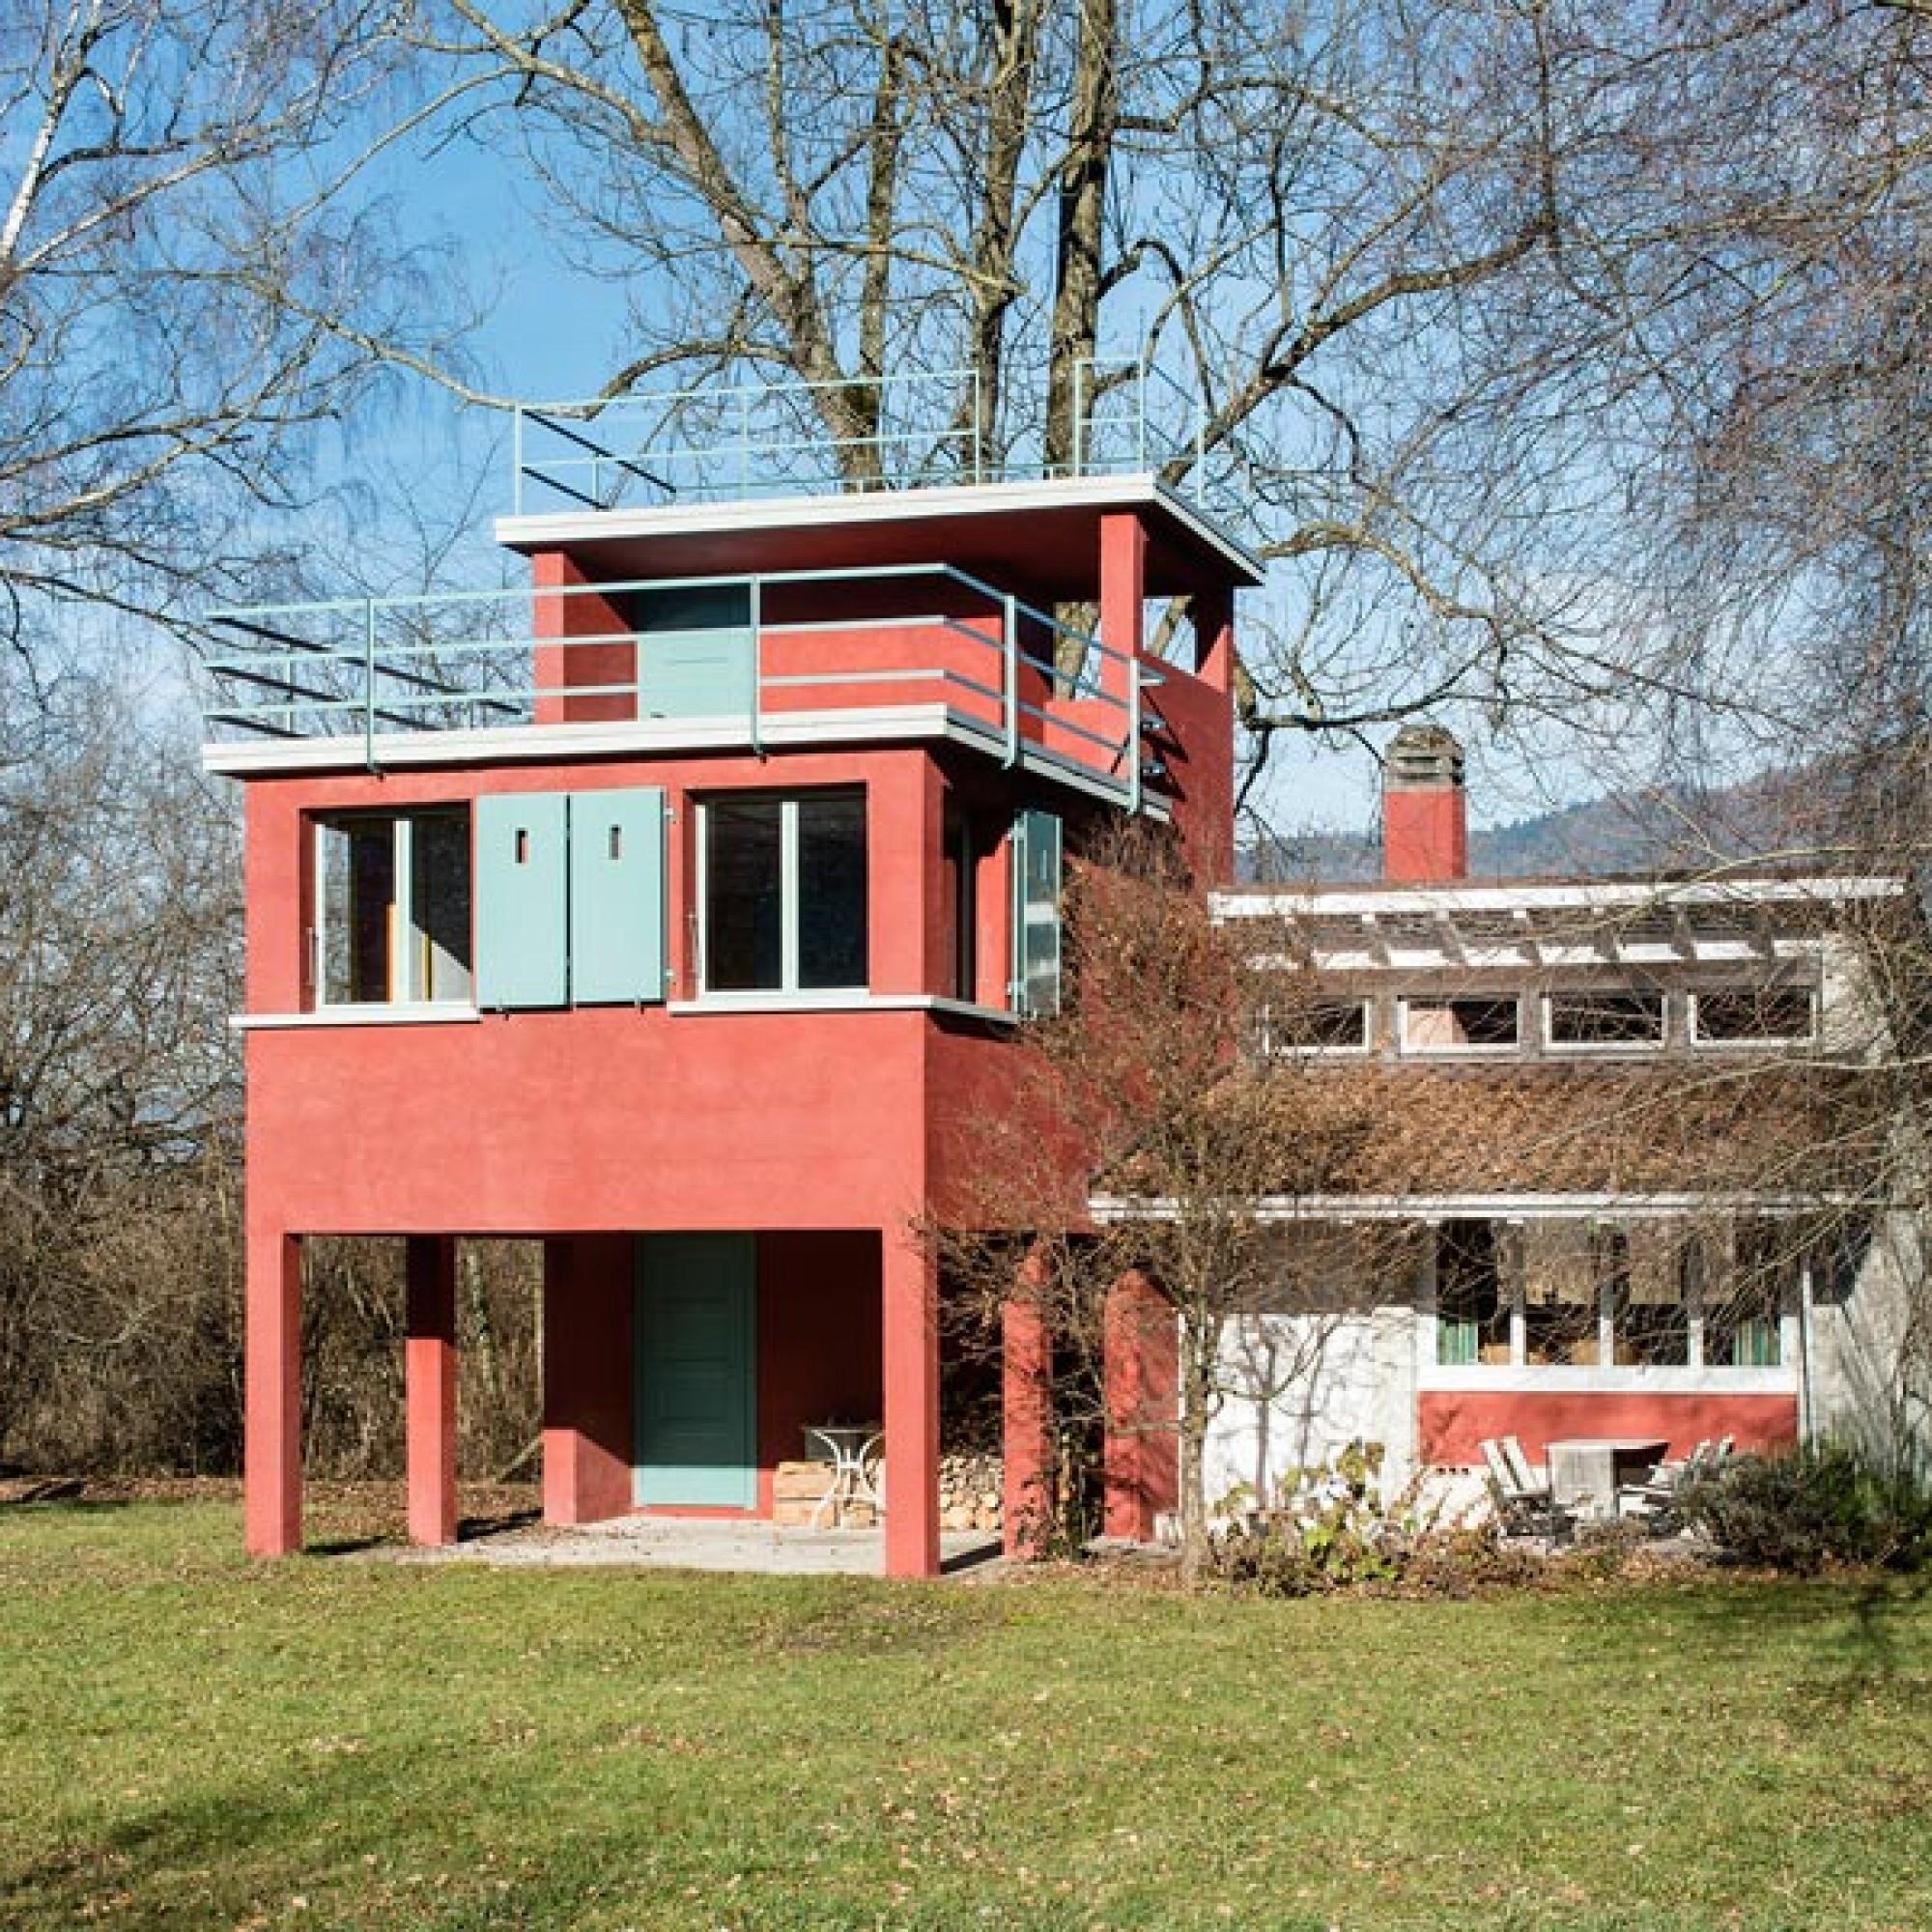 Das Badehaus wurde 1930 vom Thuner Architekt Jacques Wipf erbaut. Karl Müller-Wipf erweiterte das Badehaus 1954 um einen Wohnraum mit Kochgelegenheit, ein charakteristisches, bis ins Detail durchgestaltetes Werk der 1950er-Jahre. Mit dem Anbau, der sich d